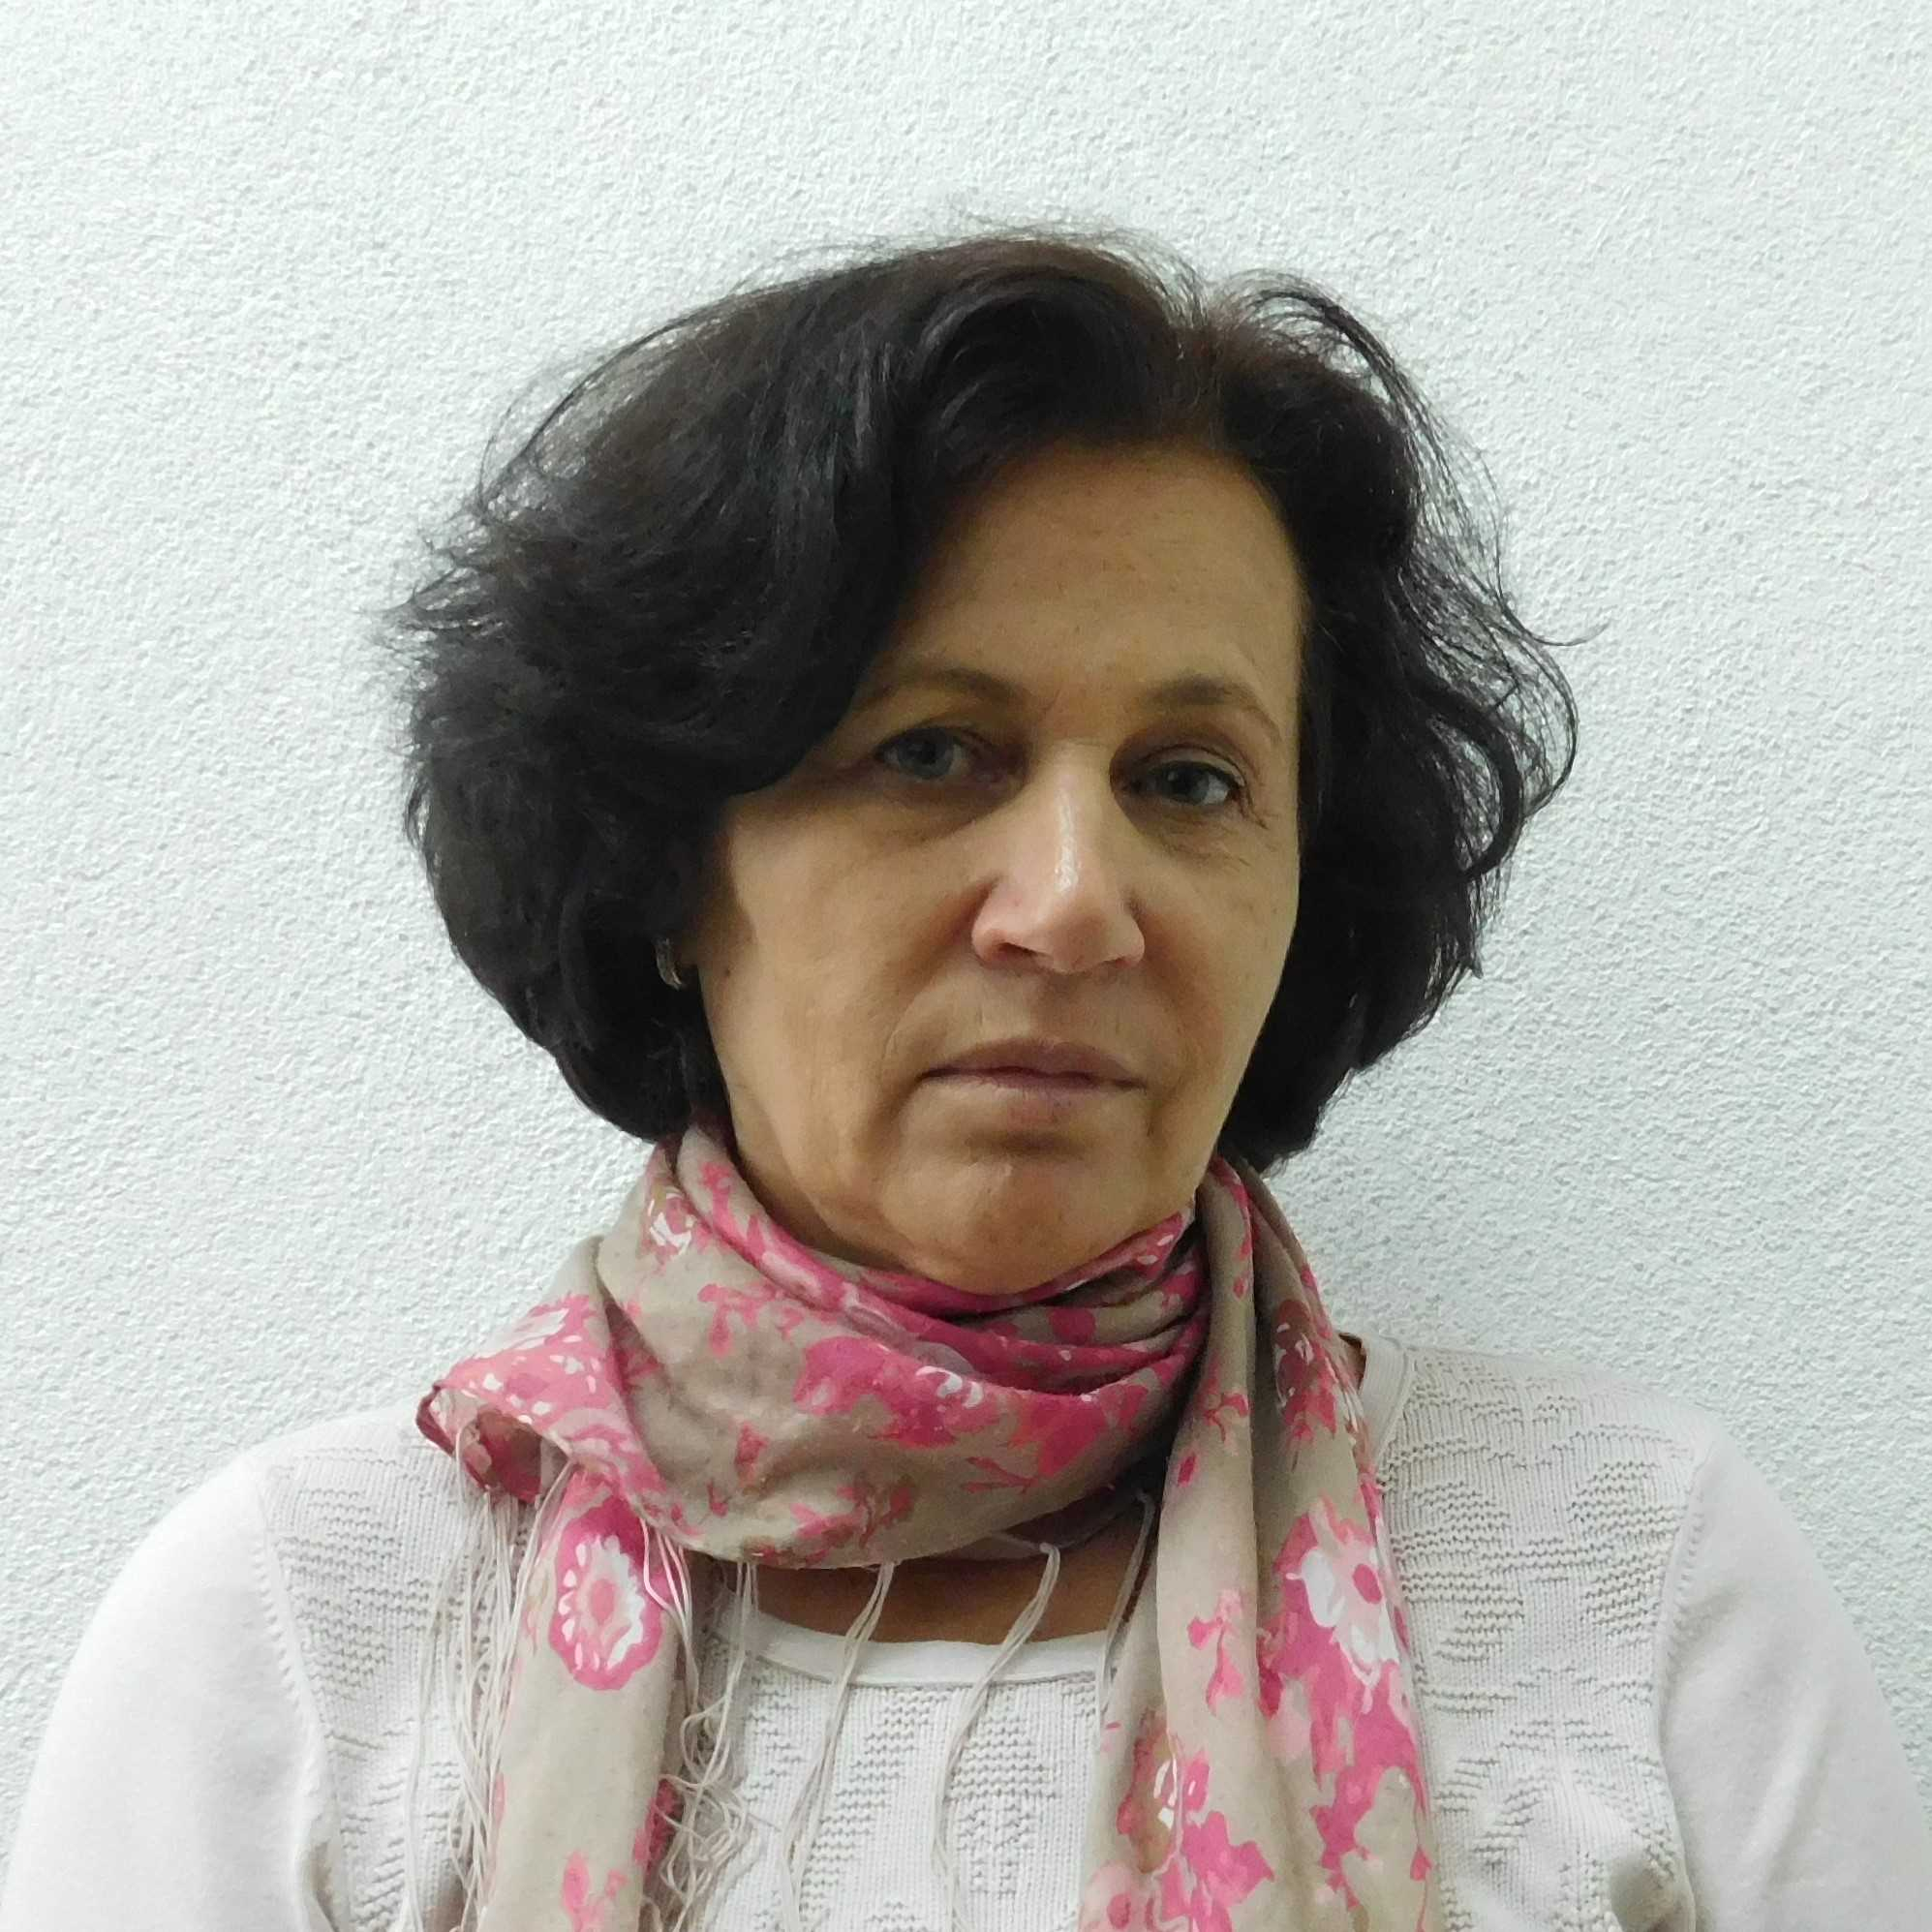 Havushe Ahmeti